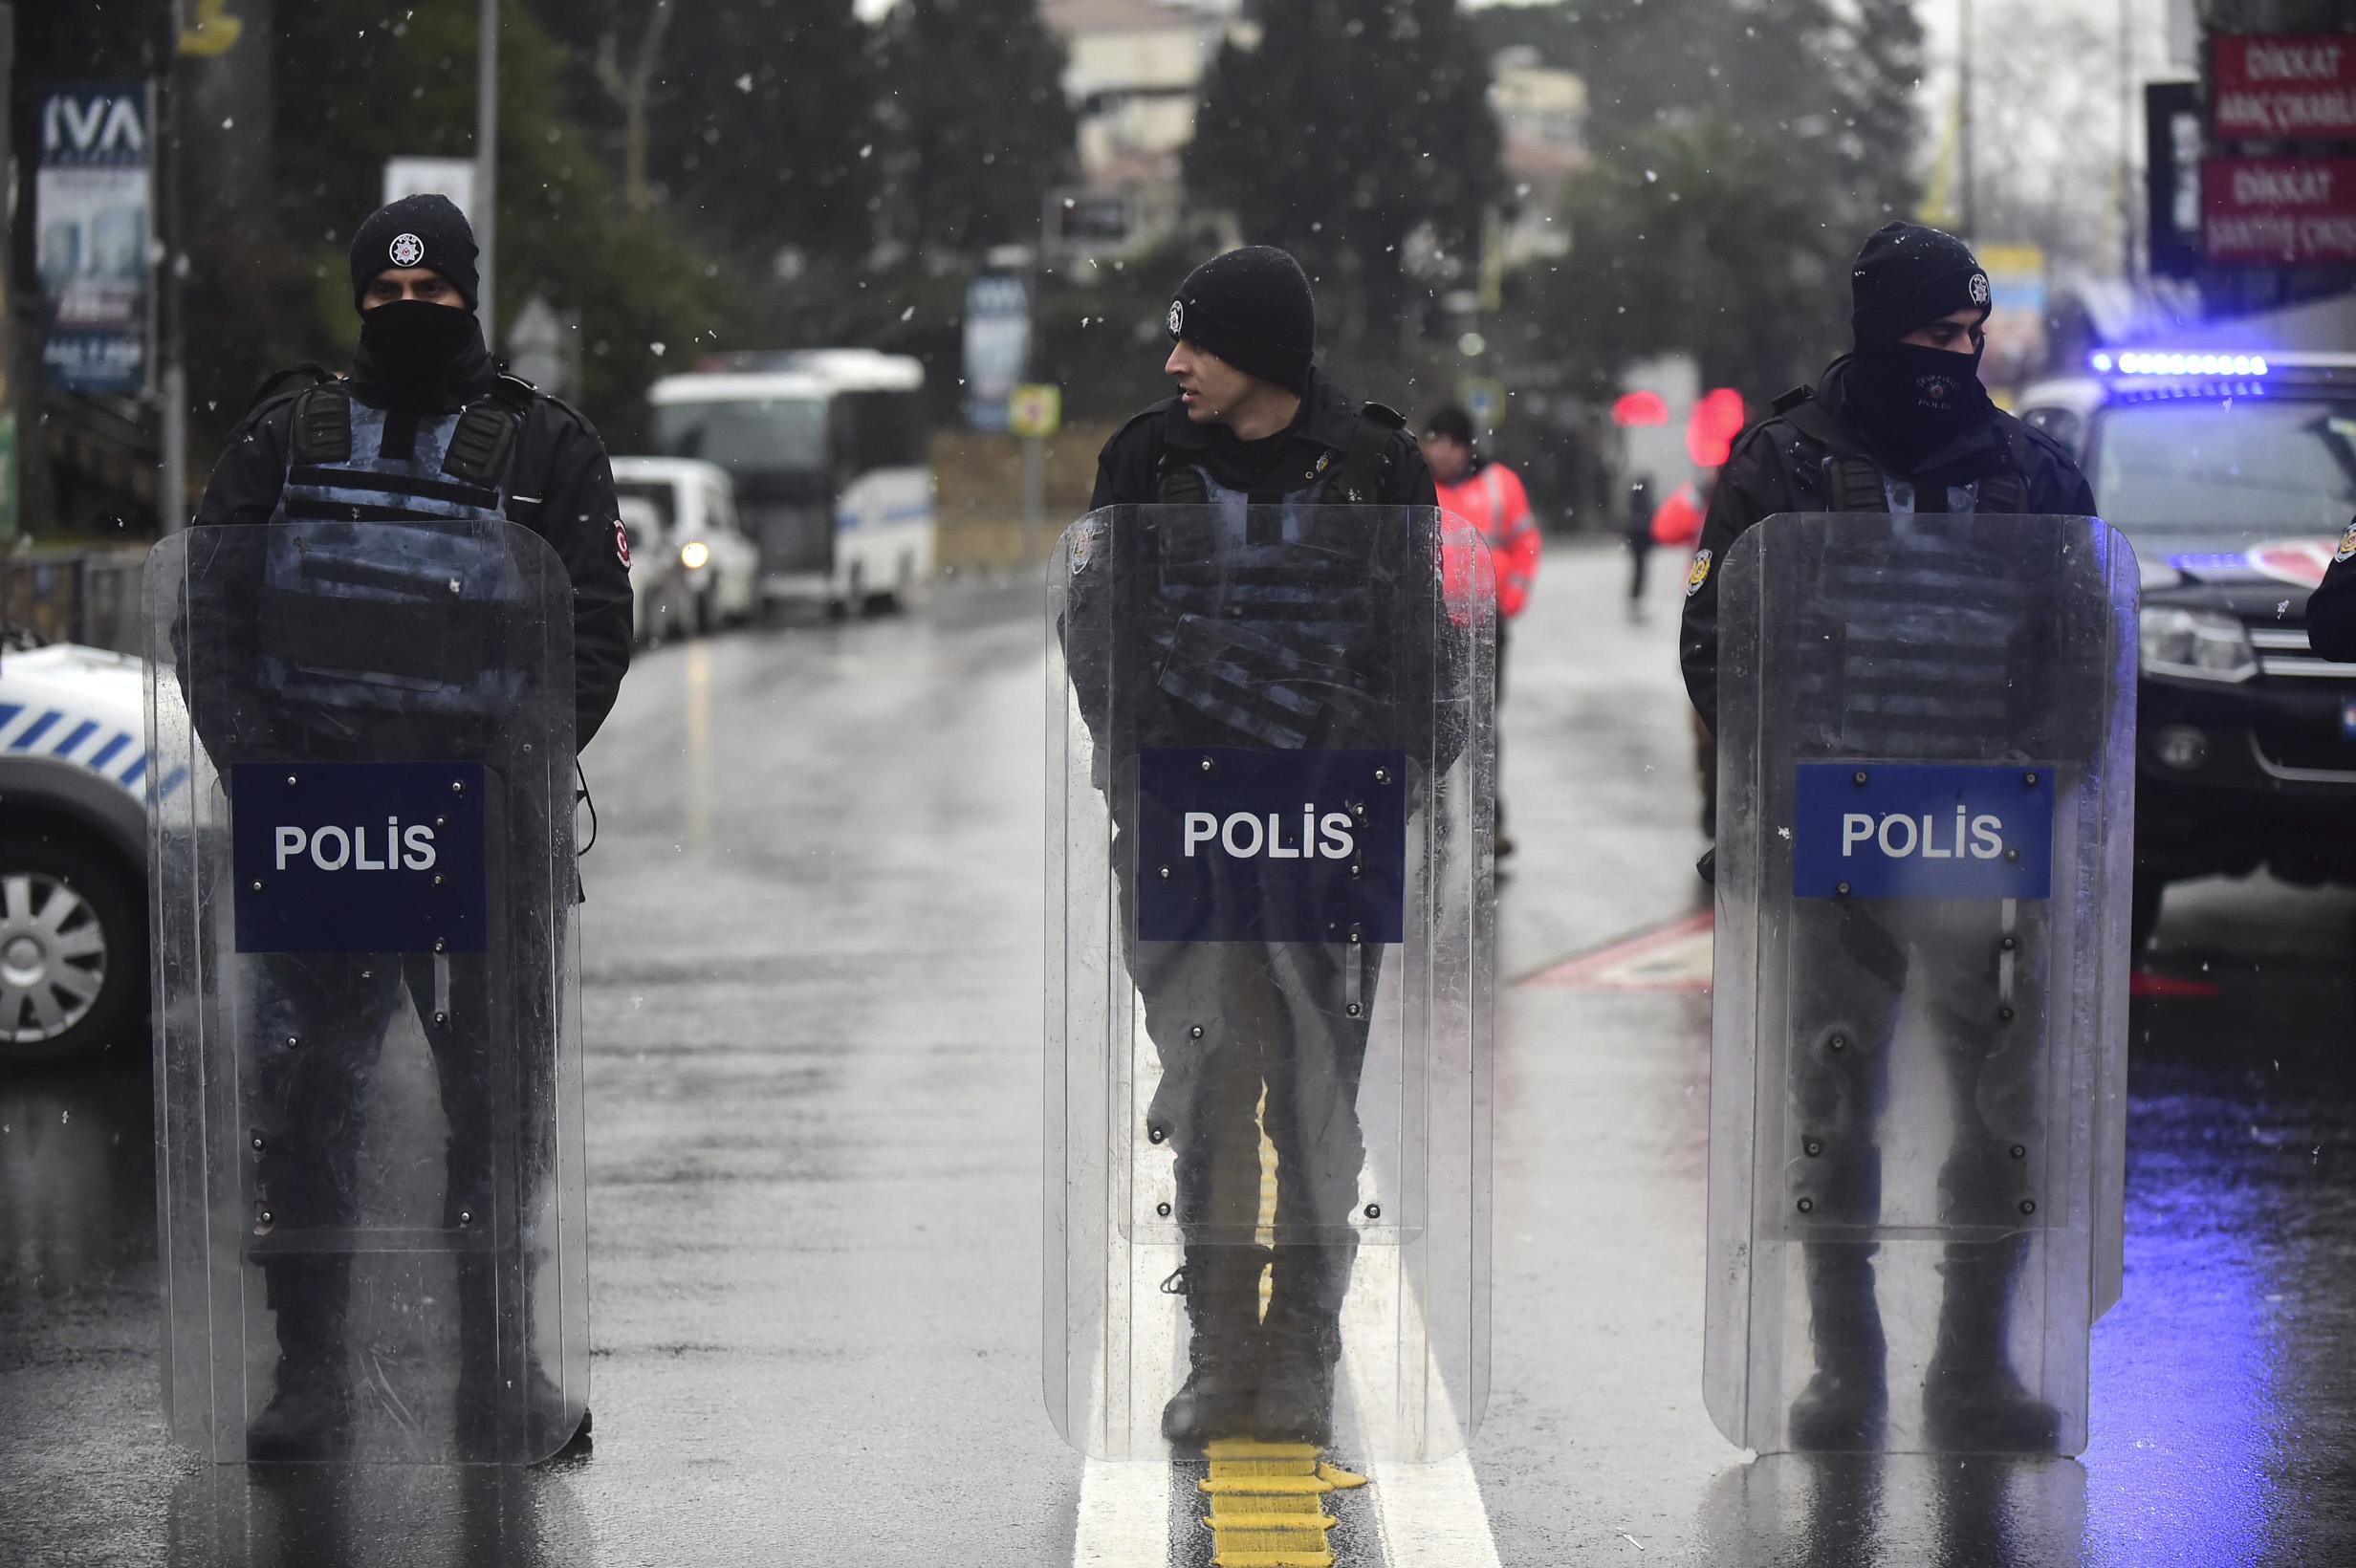 Responsáveis por atentado querem o caos na Turquia — Erdogan